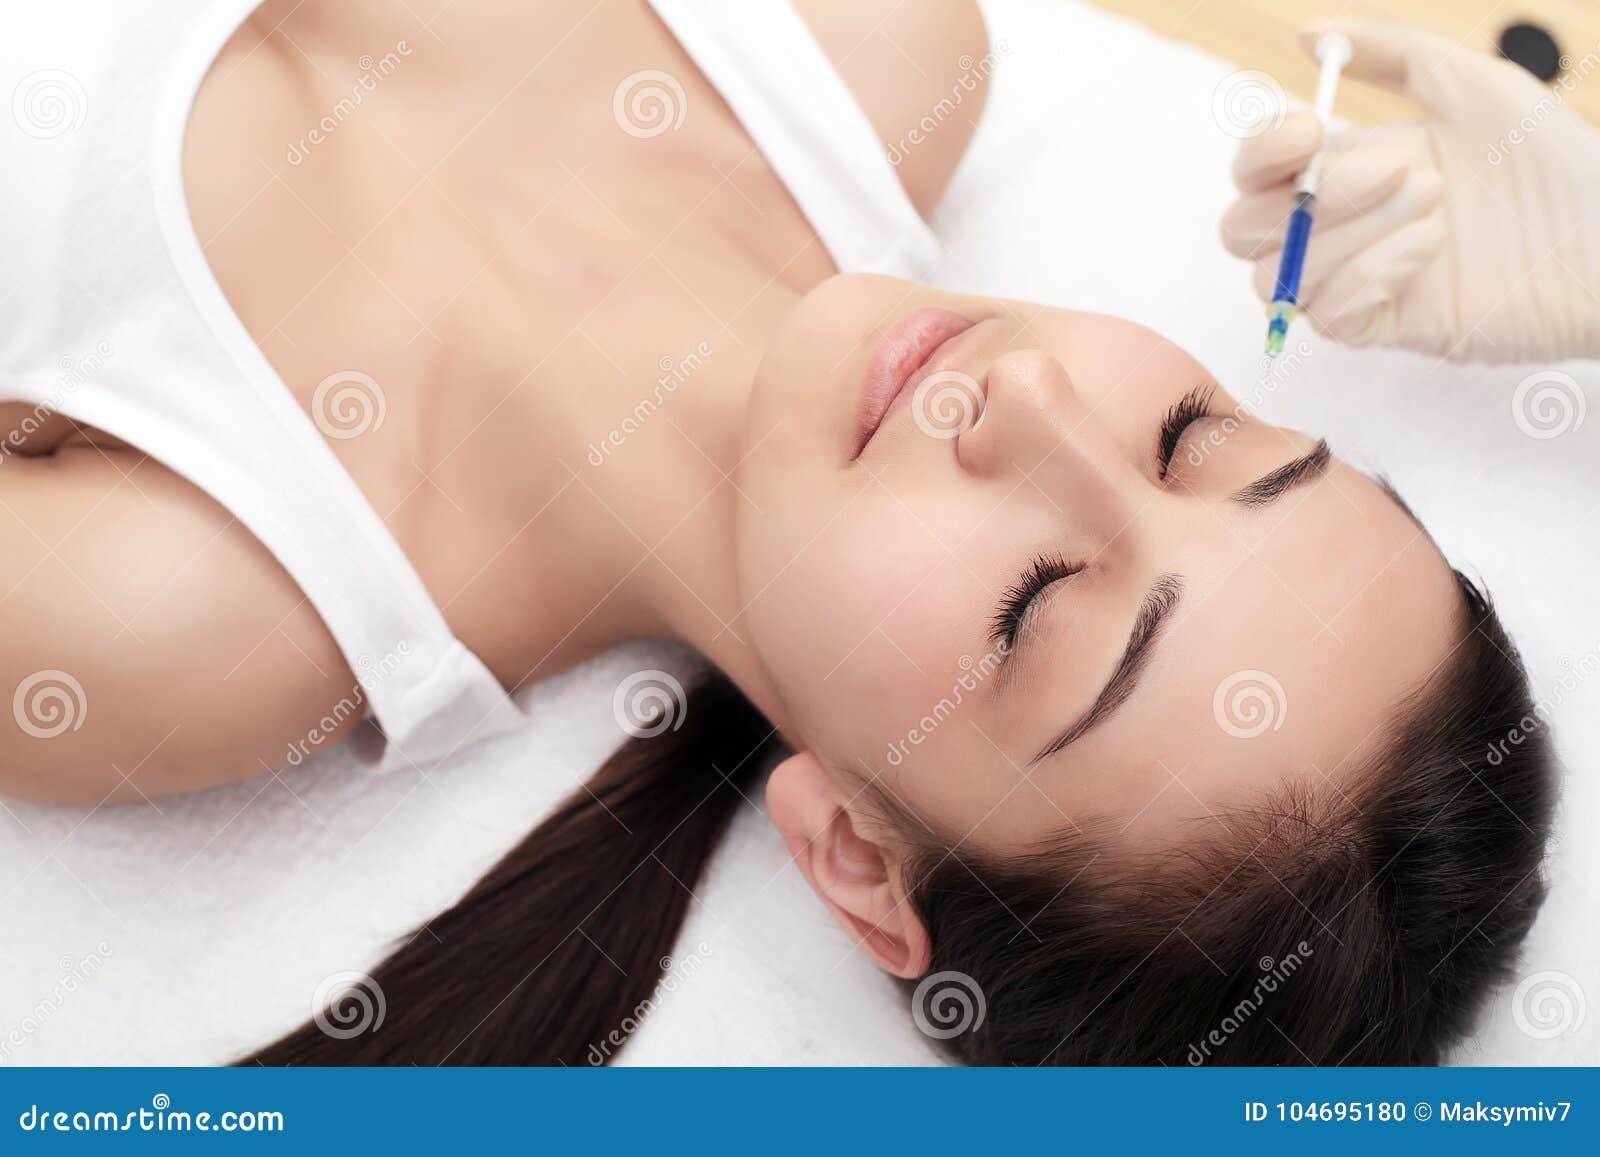 Belle femme obtenant l injection de levage de botox dans le front Injection en gros plan d acide hyaluronique de femme injections